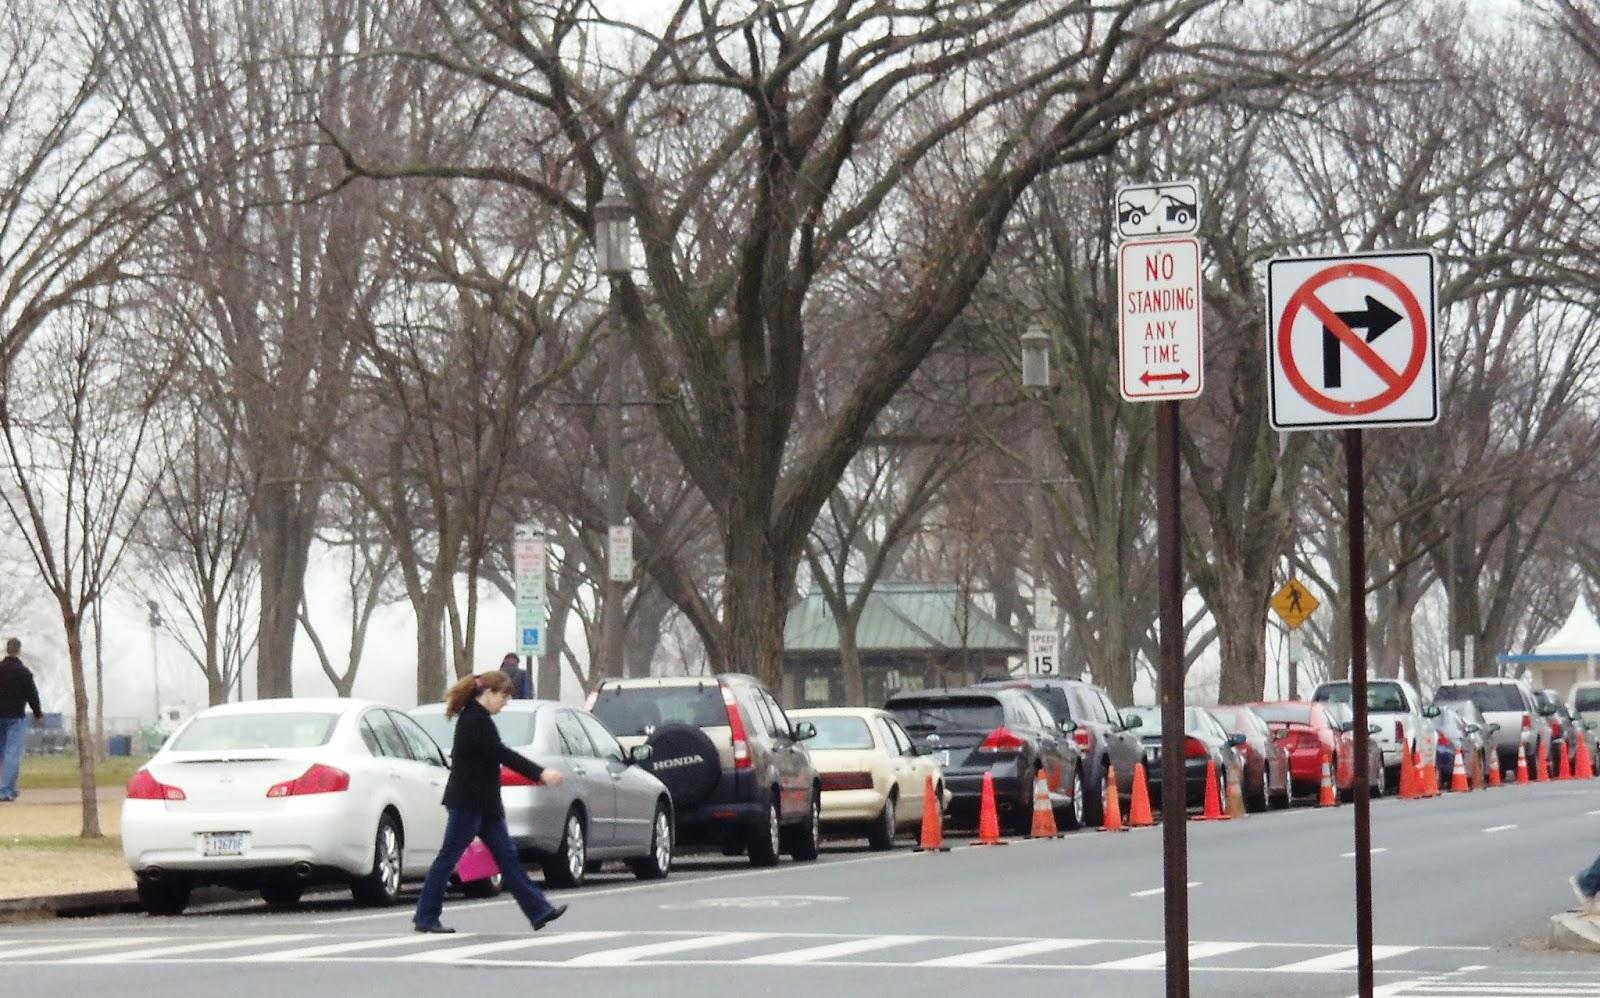 Parking in Washington DC